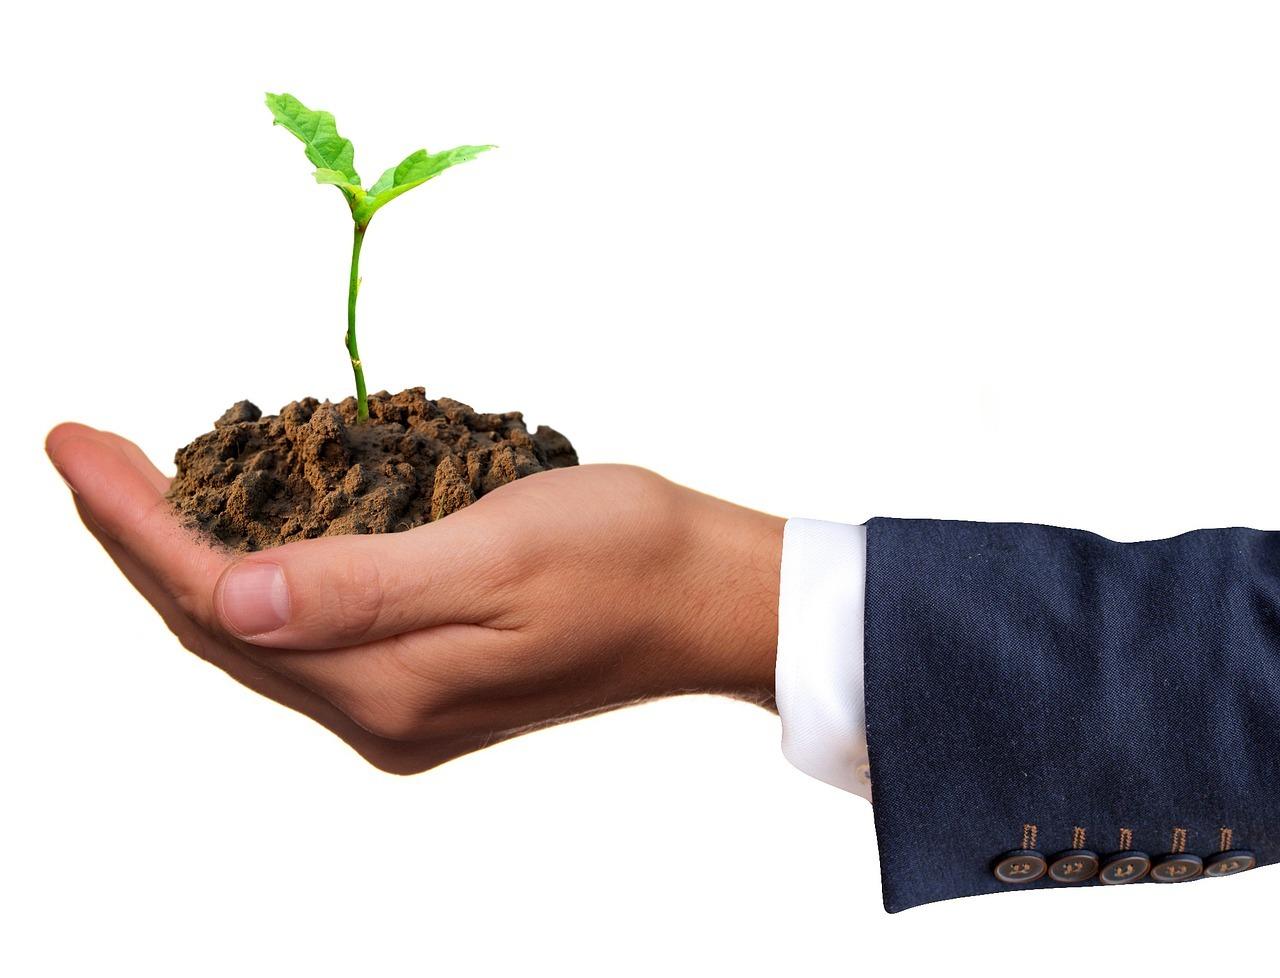 Durch die Aktionstage soll das Thema Nachhaltigkeit mehr öffentliche Aufmerksamkeit erhalten.